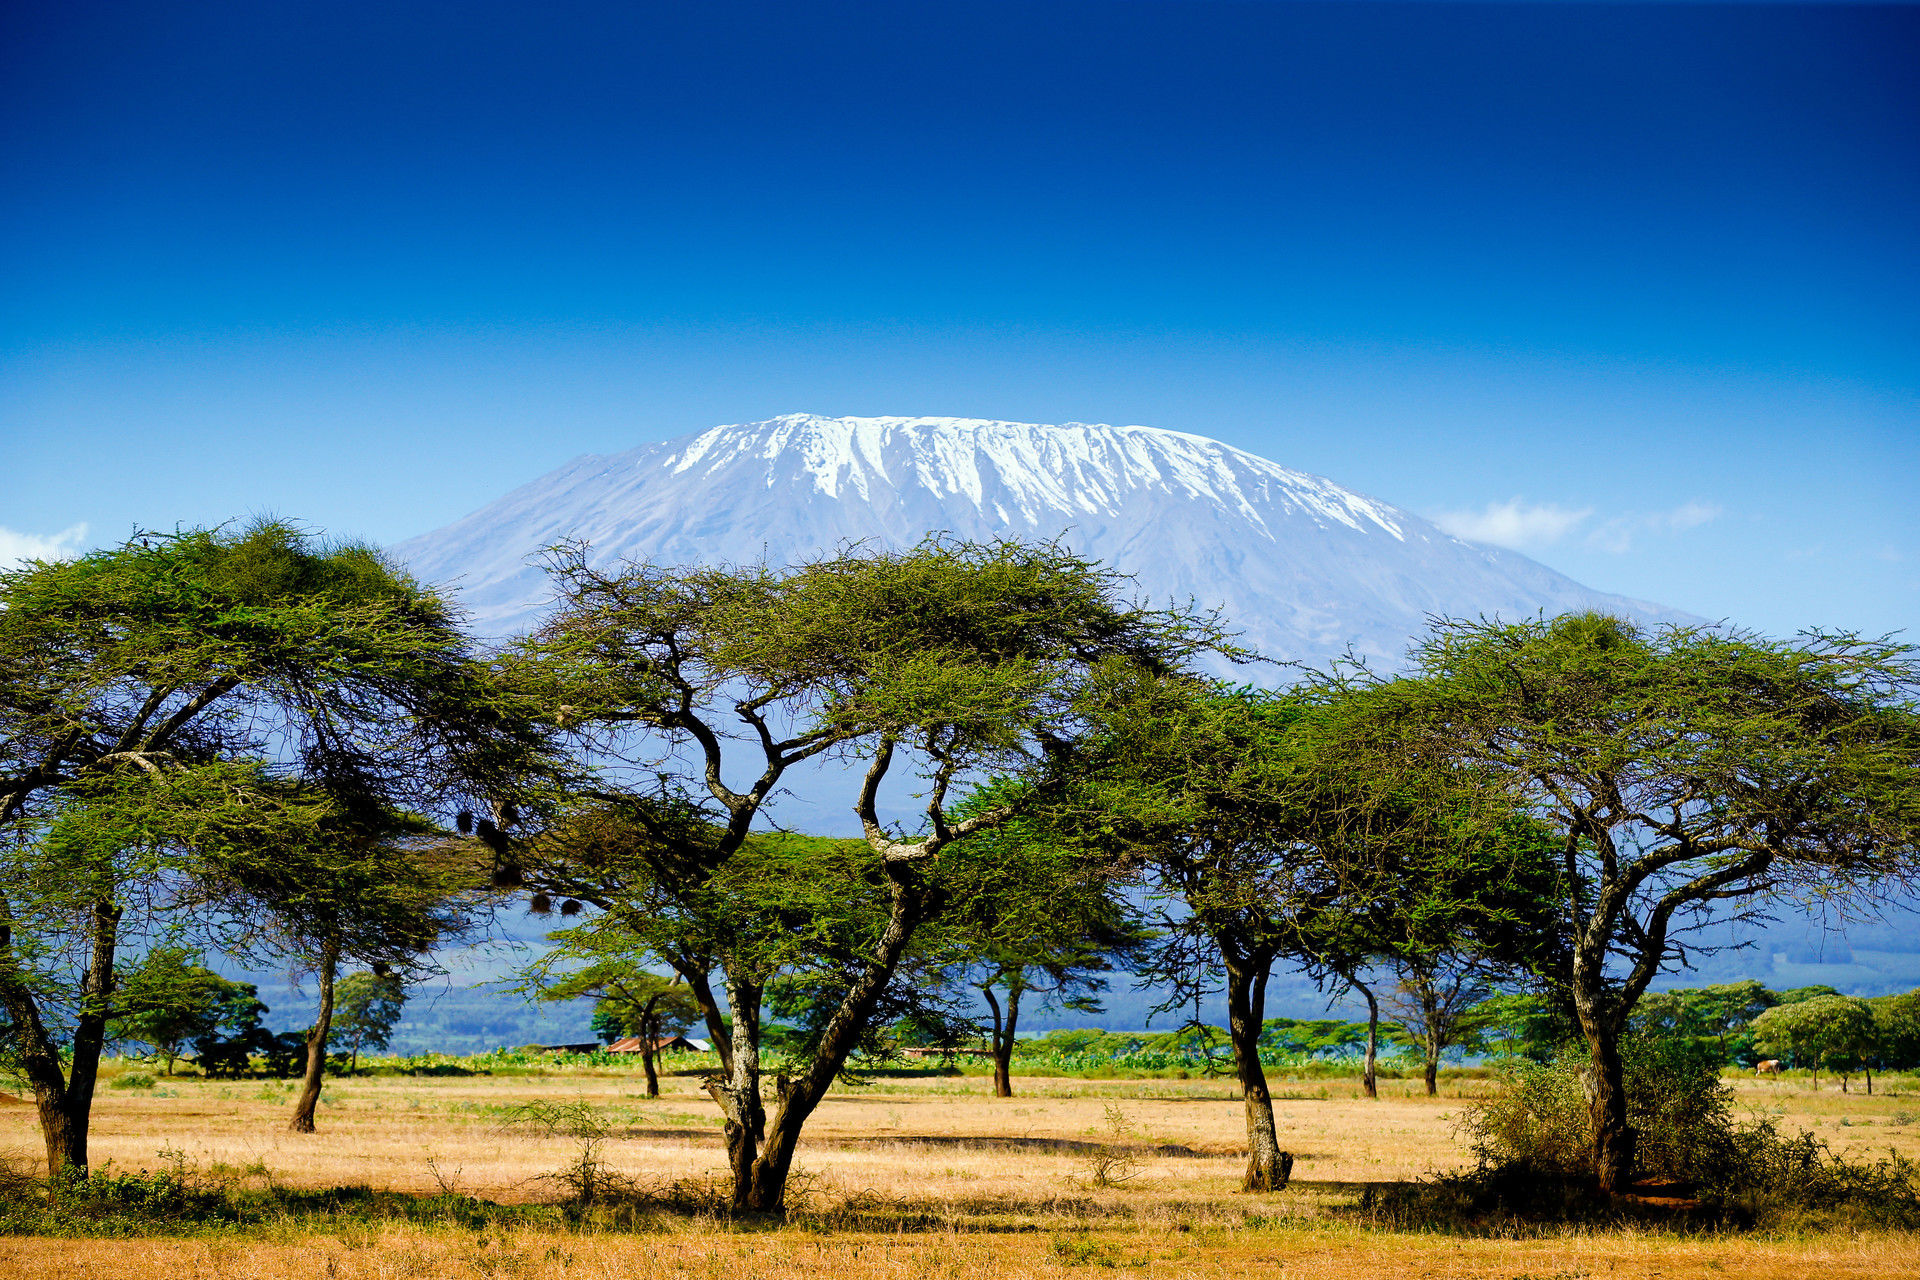 Circuit du Mont Kilimandjaro à l'Océan Indien